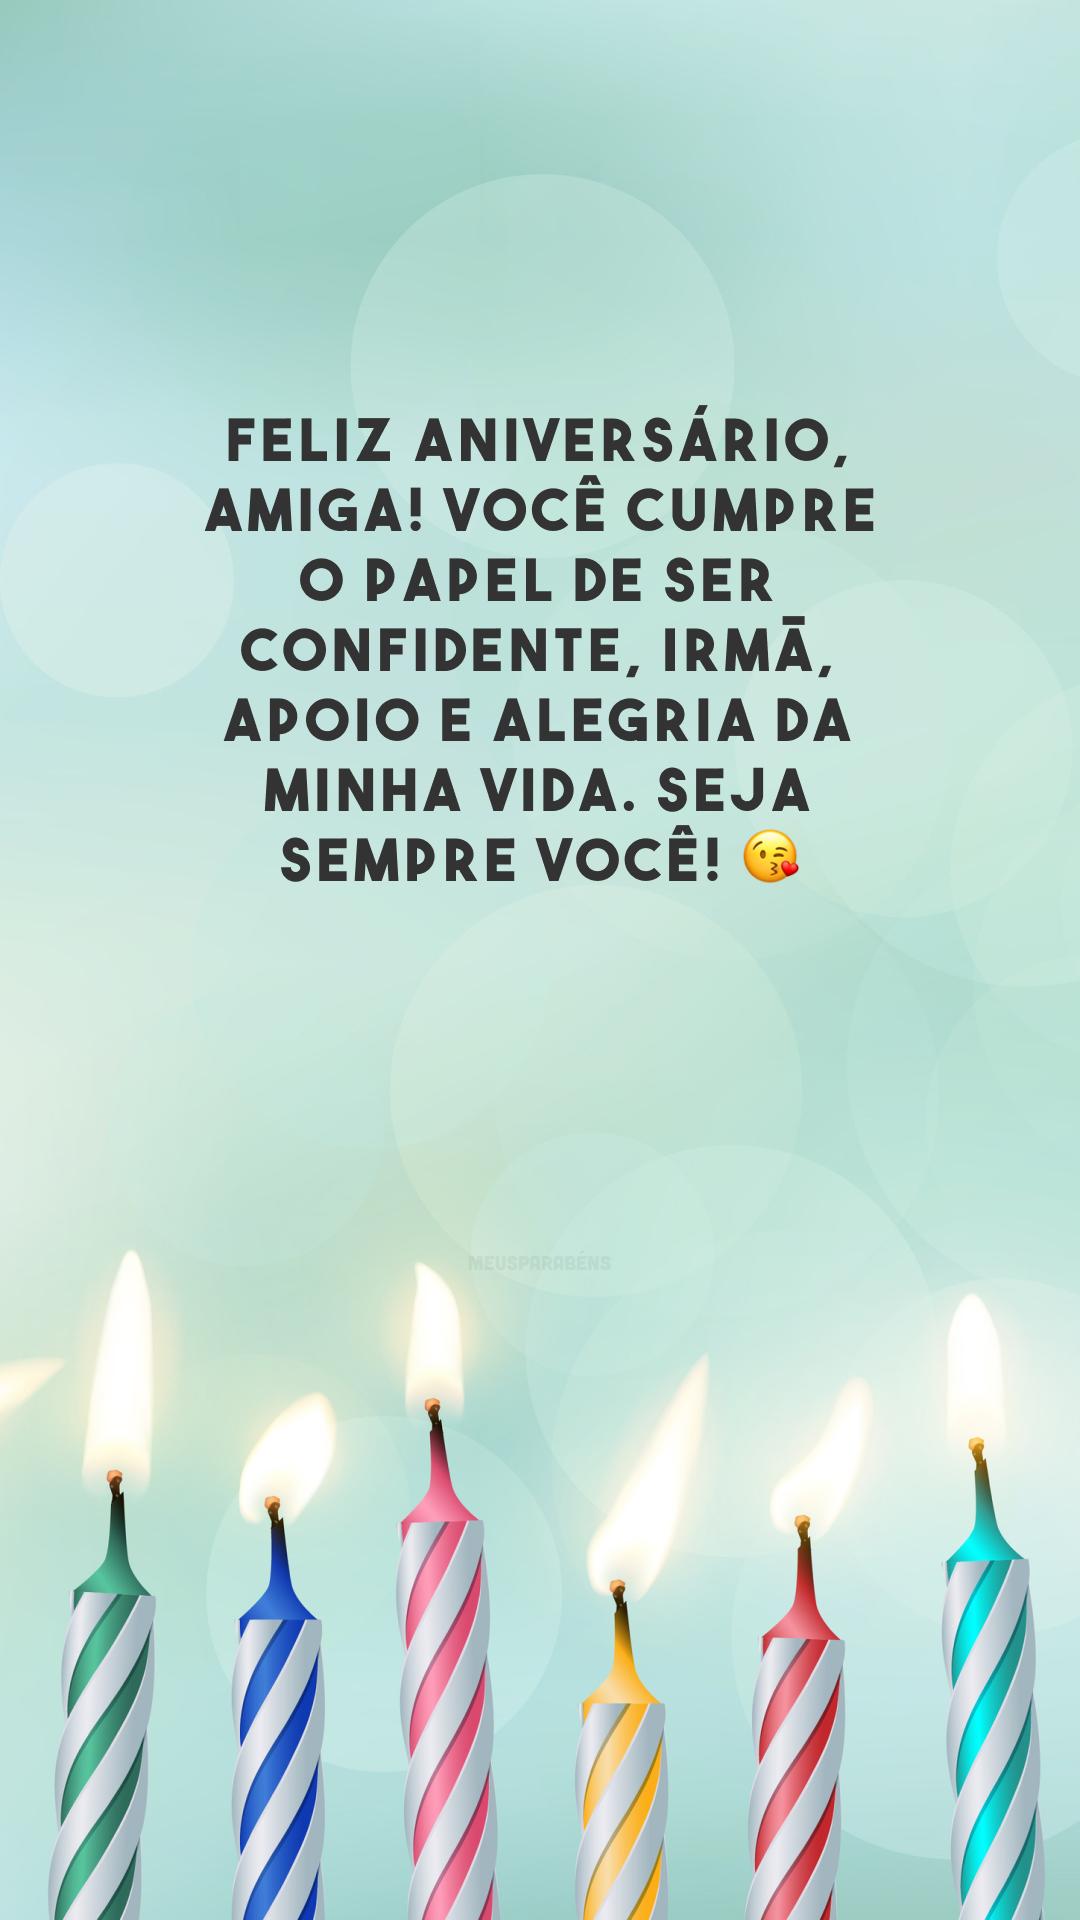 Feliz aniversário, amiga! Você cumpre o papel de ser confidente, irmã, apoio e alegria da minha vida. Seja sempre você! 😘